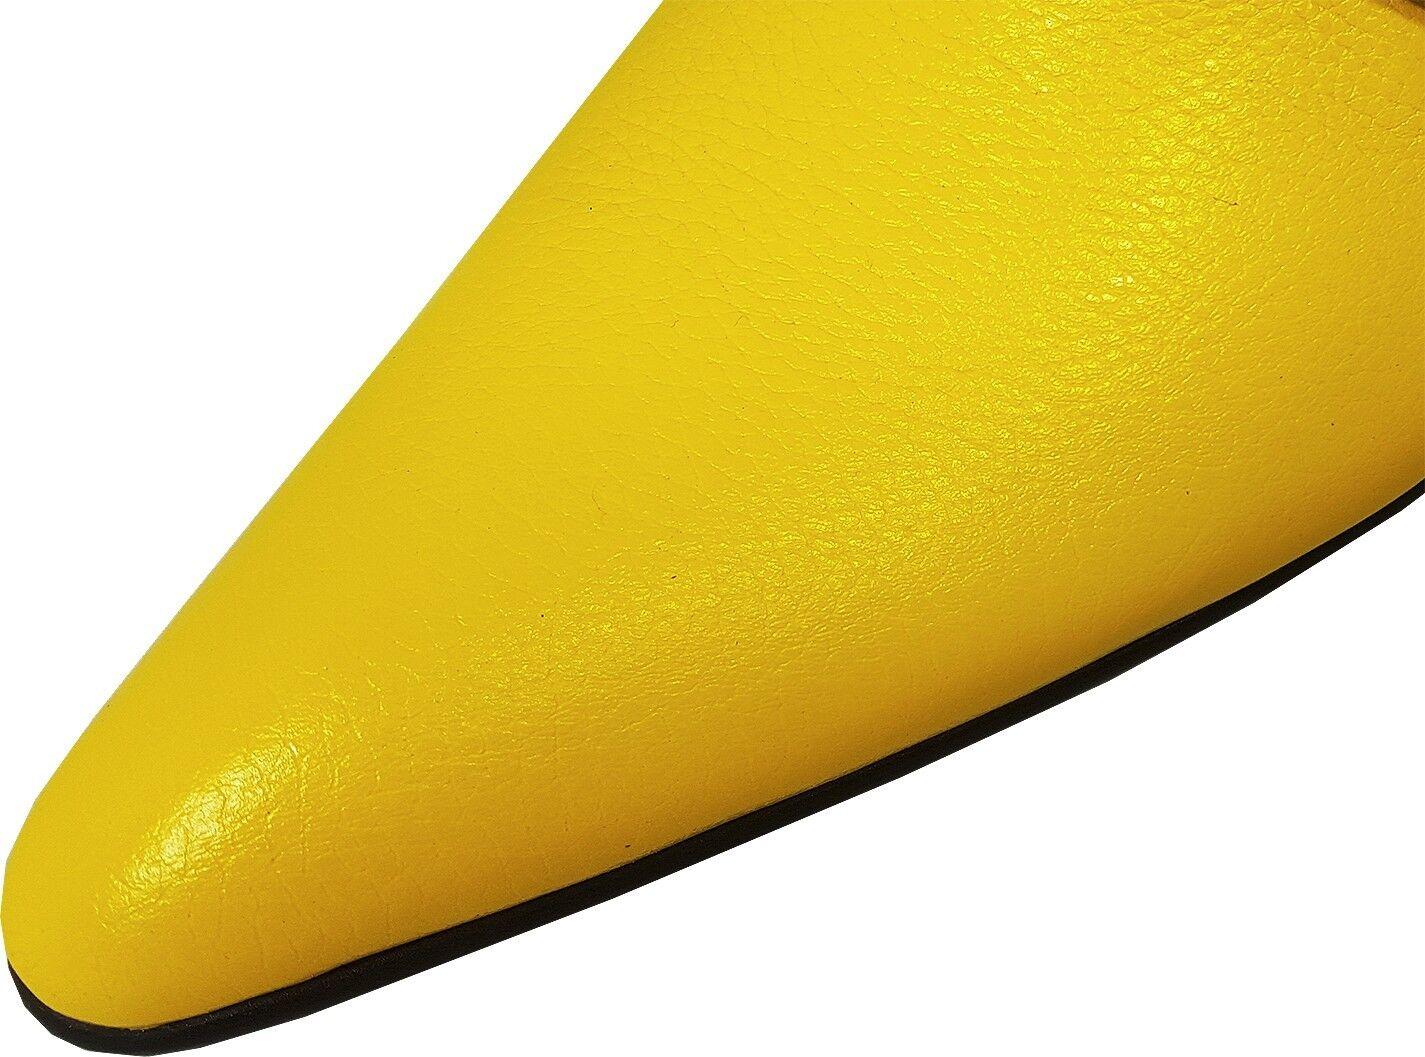 100% Chelsy-Top Modern ITALIANA DESIGNER SLIPPER limoni Guscio Giallo 44 44 44 31c8a4